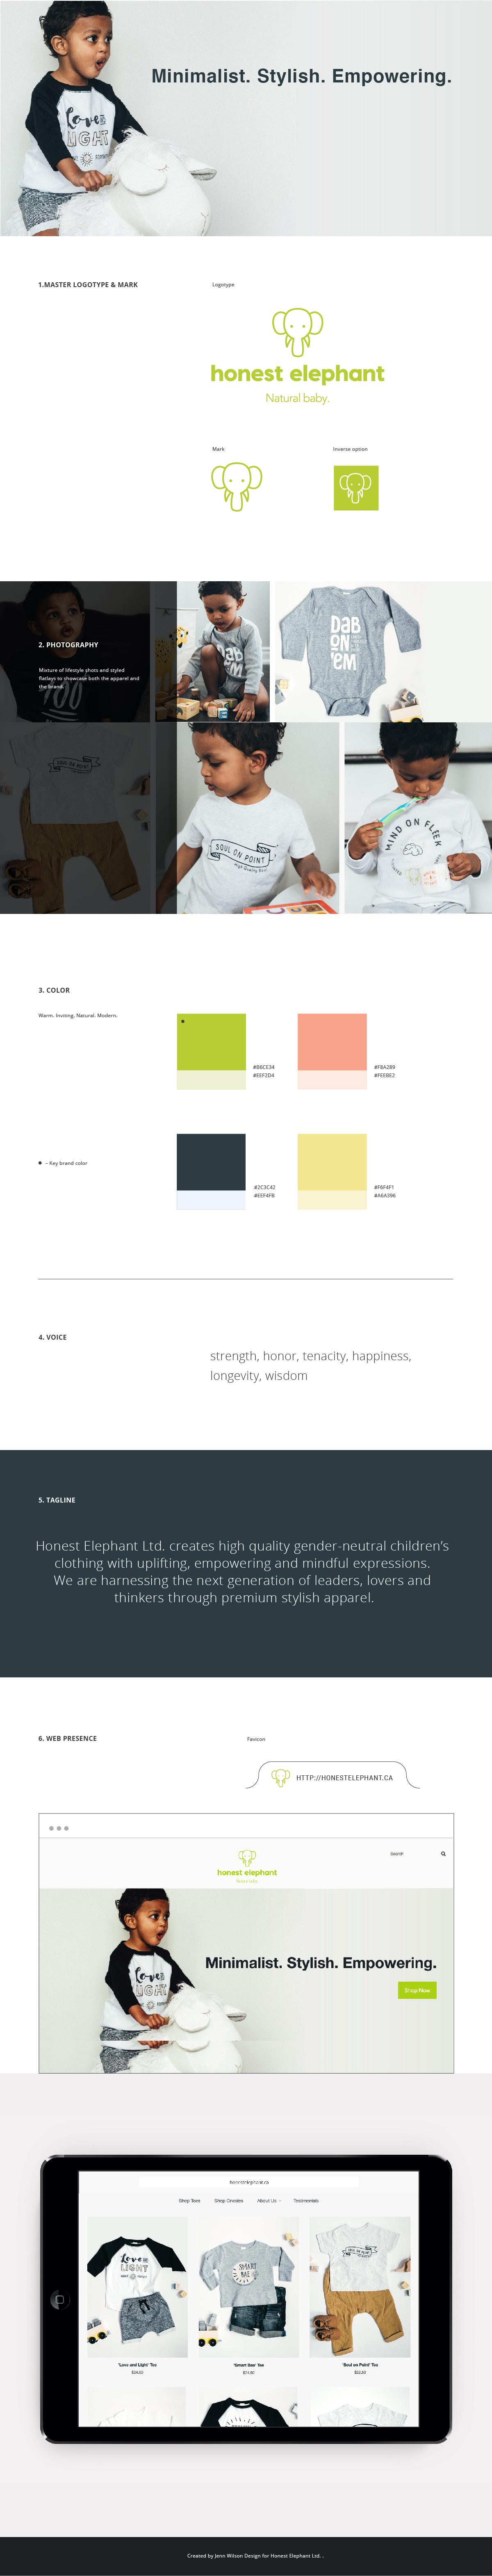 Honest-Elephant-Brand--Jenn-Wilson-Design.jpg